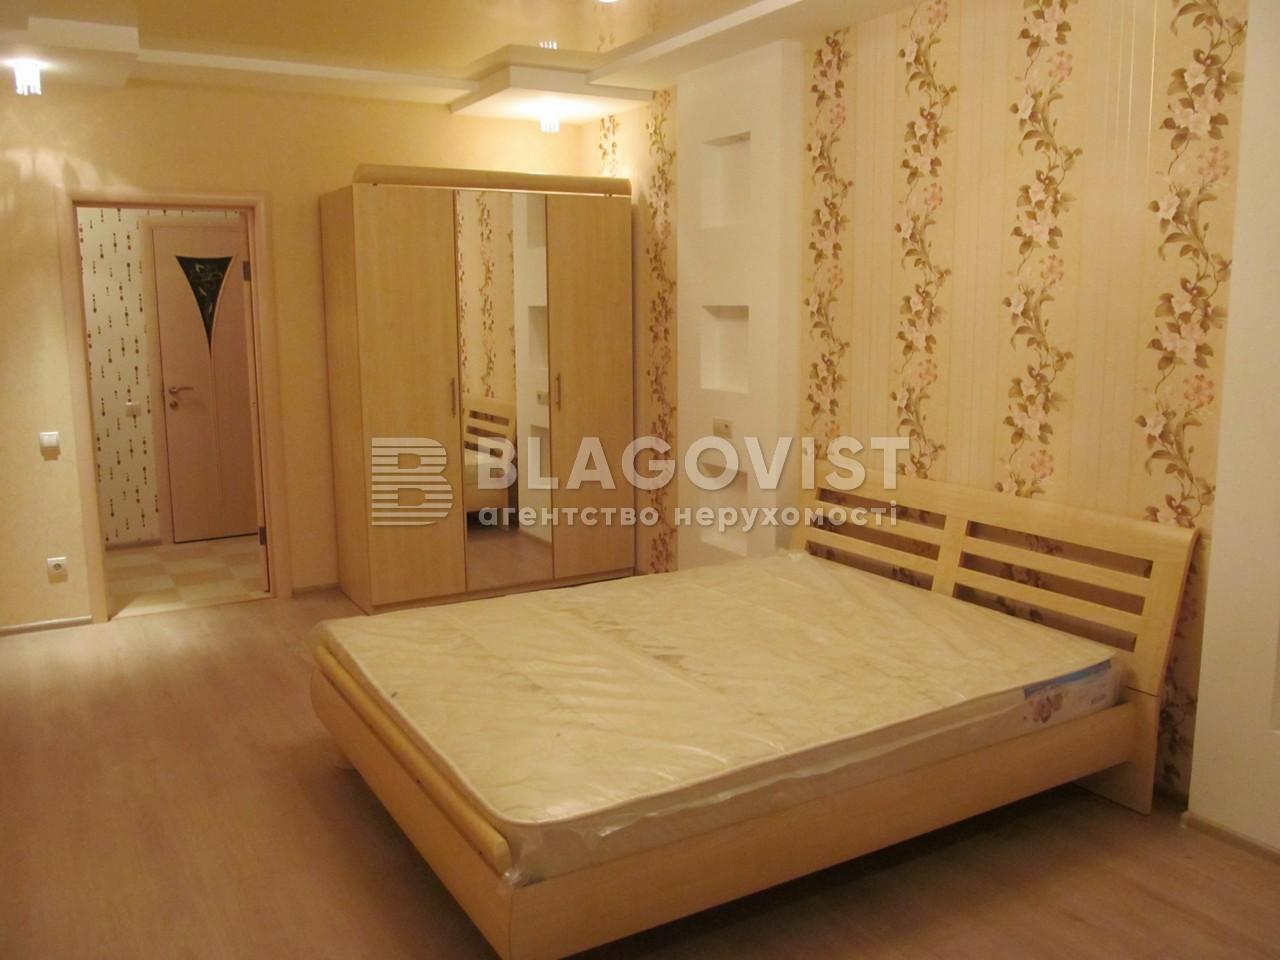 Квартира D-25787, Ирпенская, 69б, Киев - Фото 8